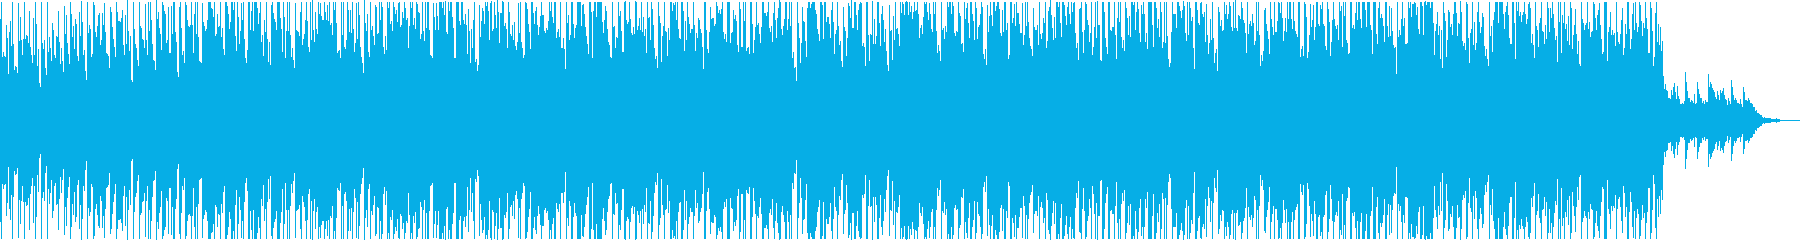 エレキギターの哀愁漂うBGMの再生済みの波形